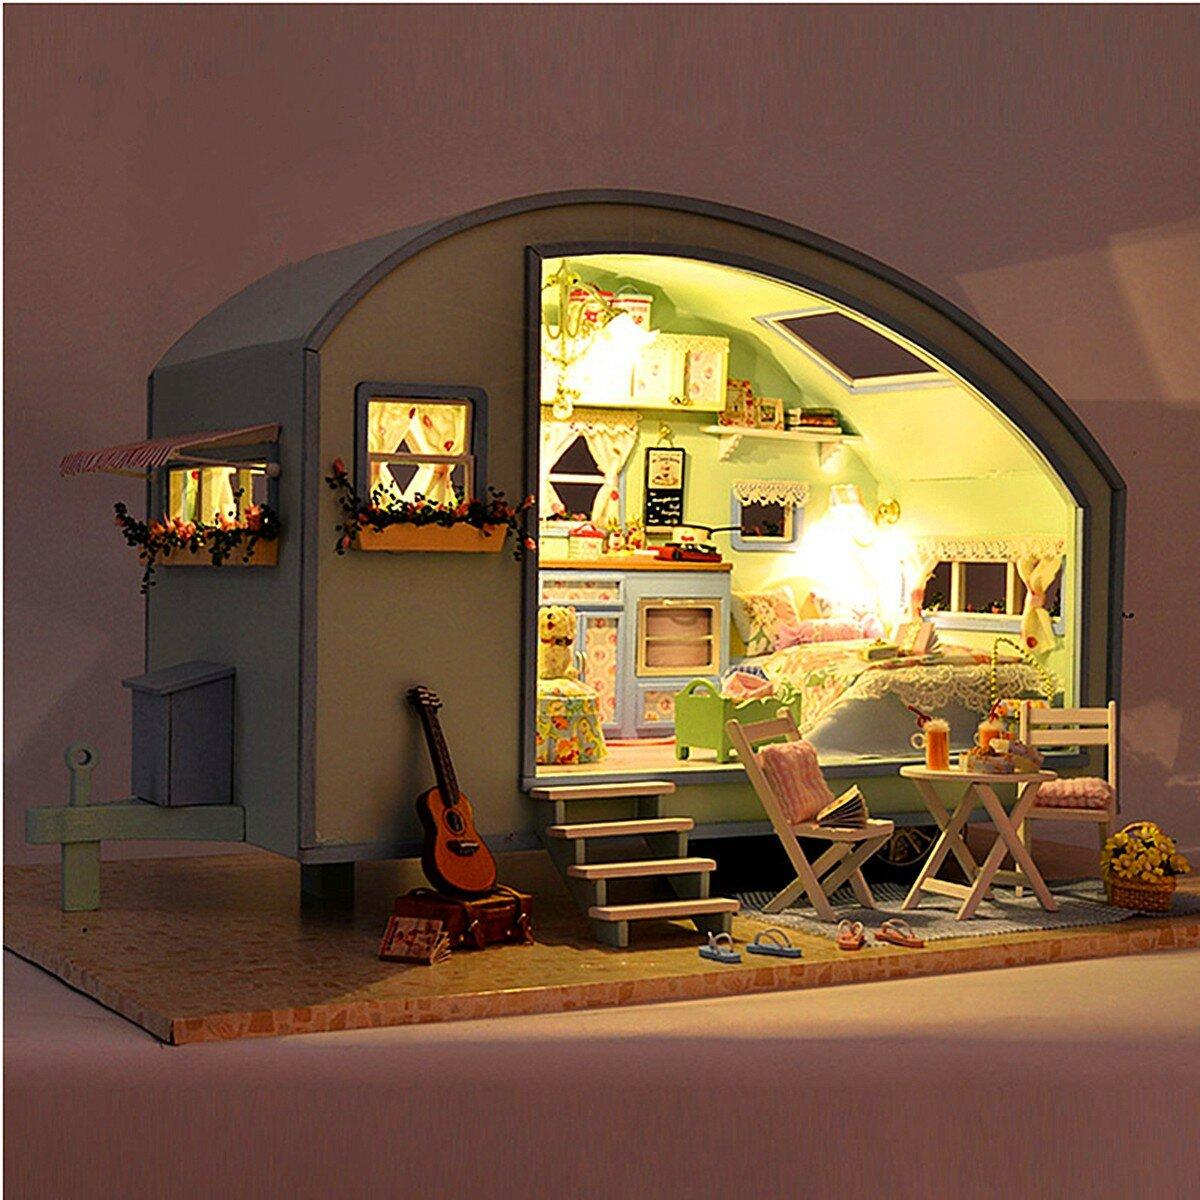 Cuteroom DIY लकड़ी के गुड़ियाघर लघु किट गुड़िया घर एलईडी + संगीत + आवाज नियंत्रण